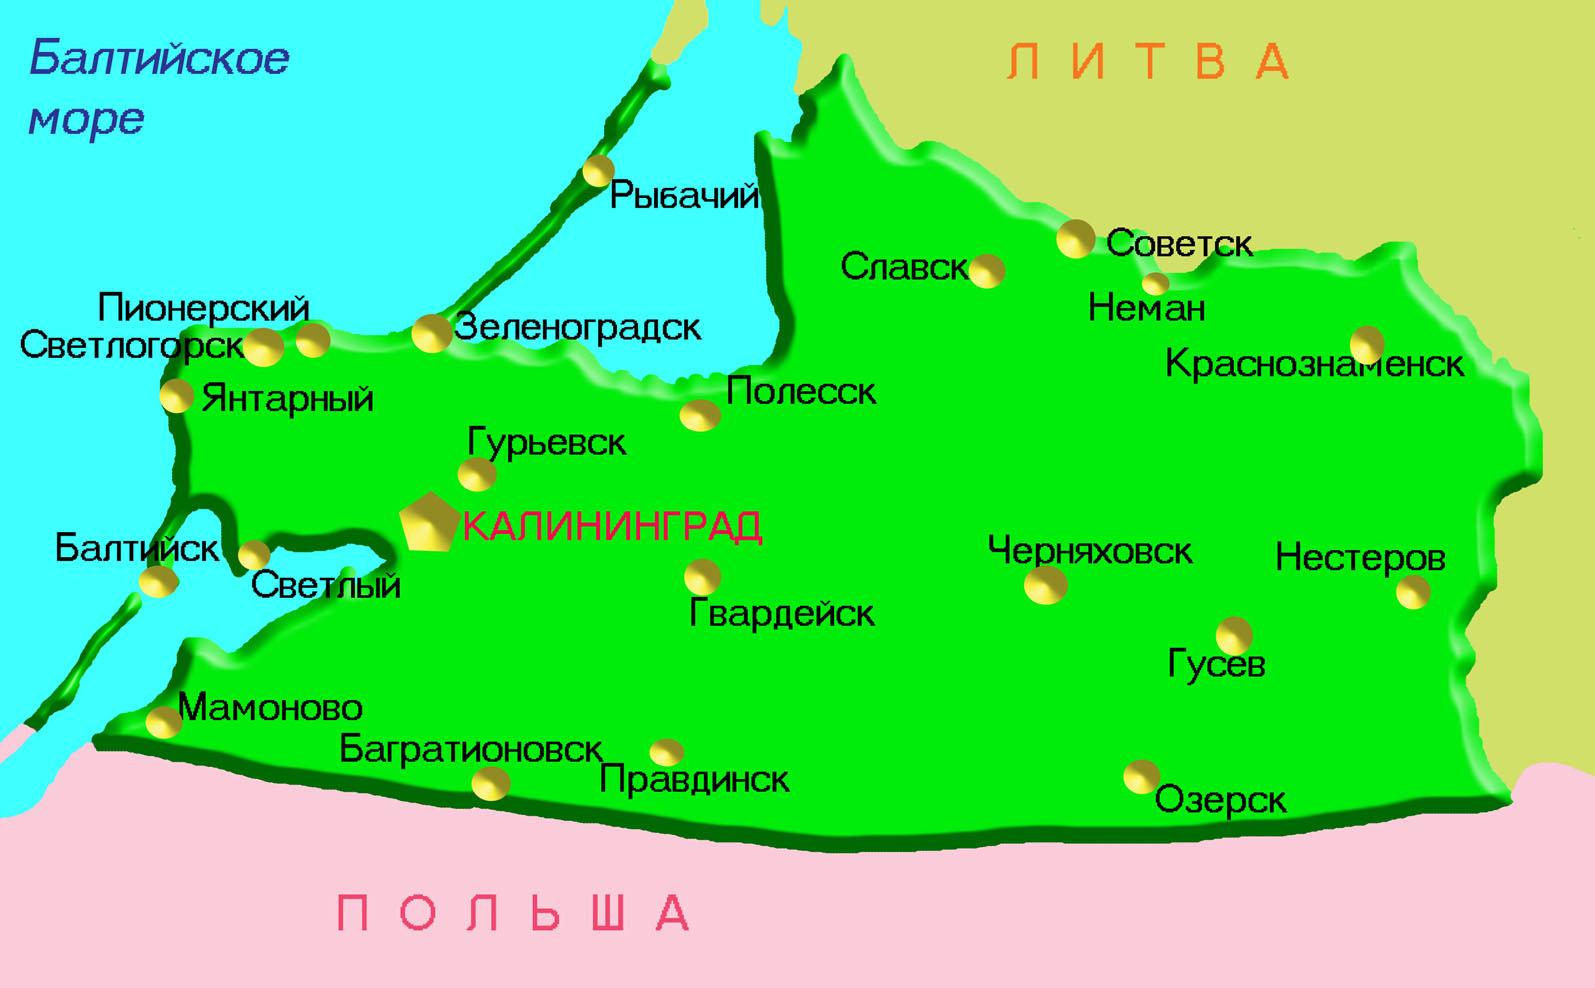 Step 1 · Географическое положение Калининградской области. · Stepik